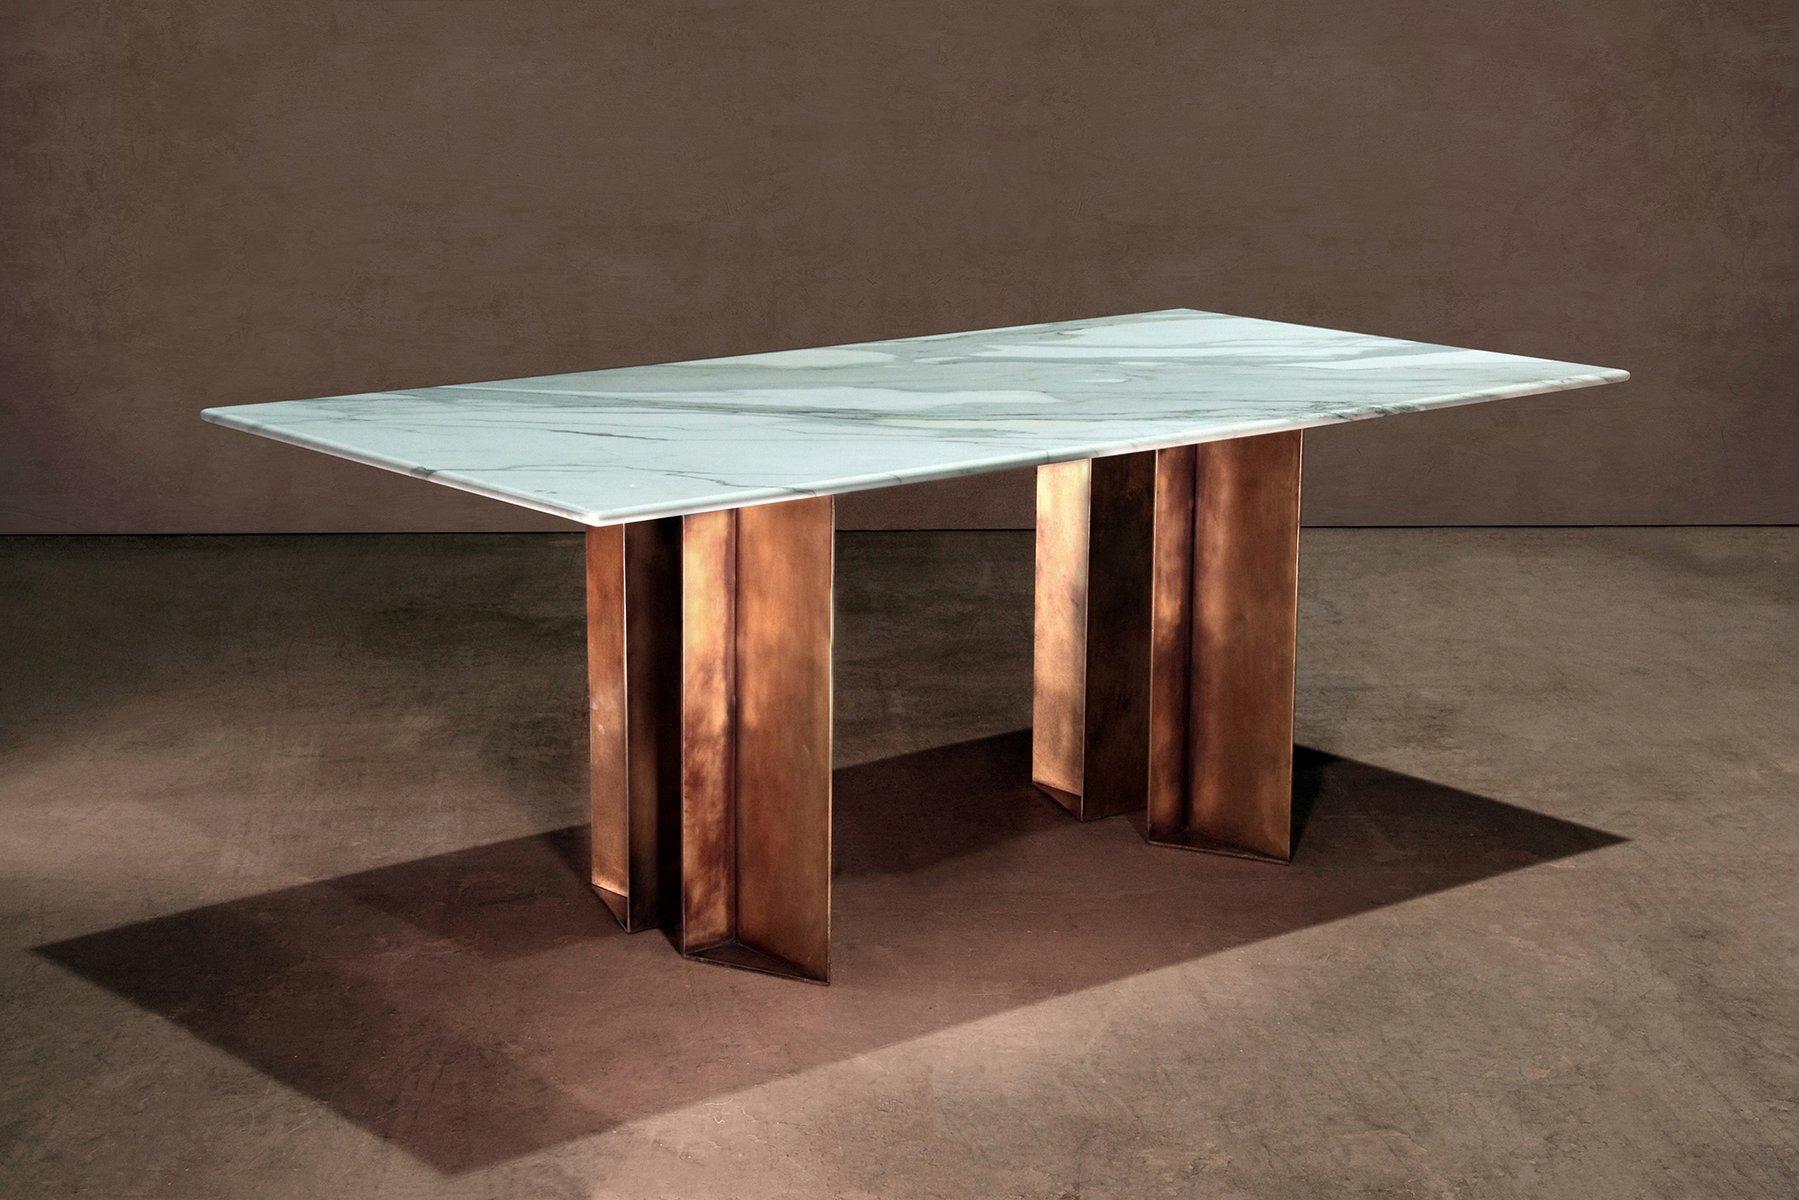 Tavolo da pranzo metropolis in marmo e ottone di lind almond per